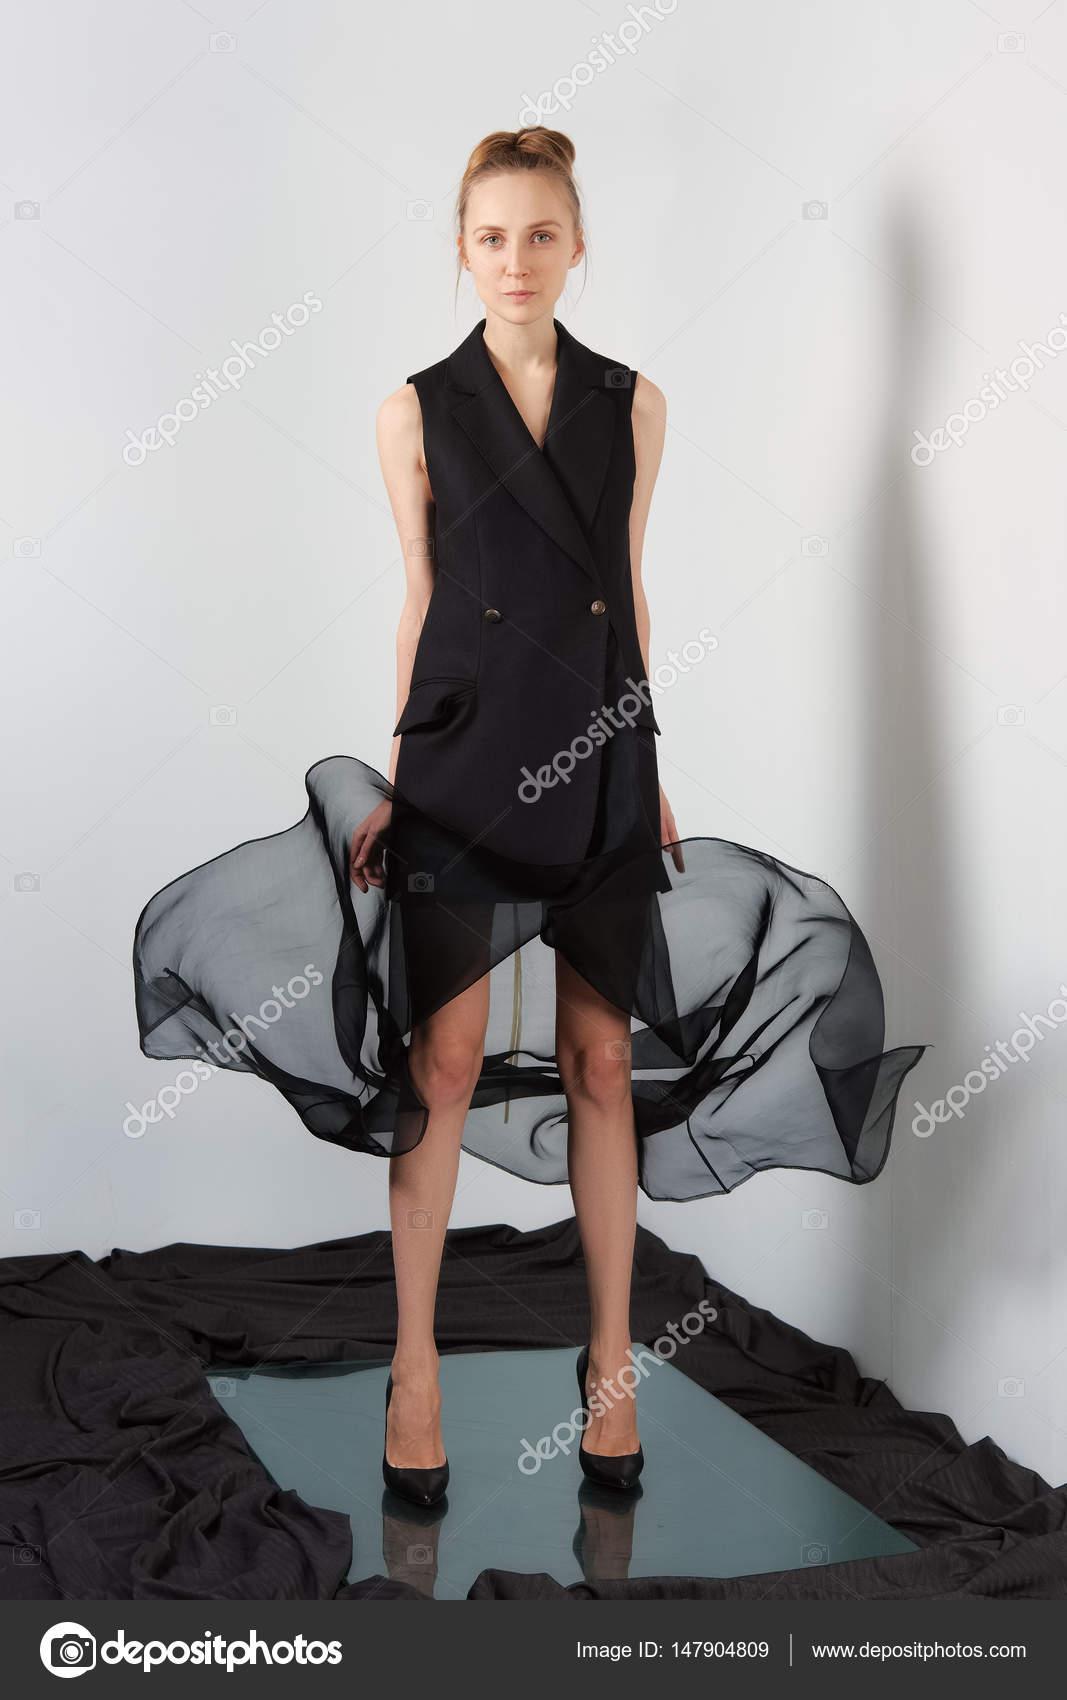 0149acd766 Divat-model tervezők fekete ujjatlan kabát és repülő átlátszó szoknya–  stock kép